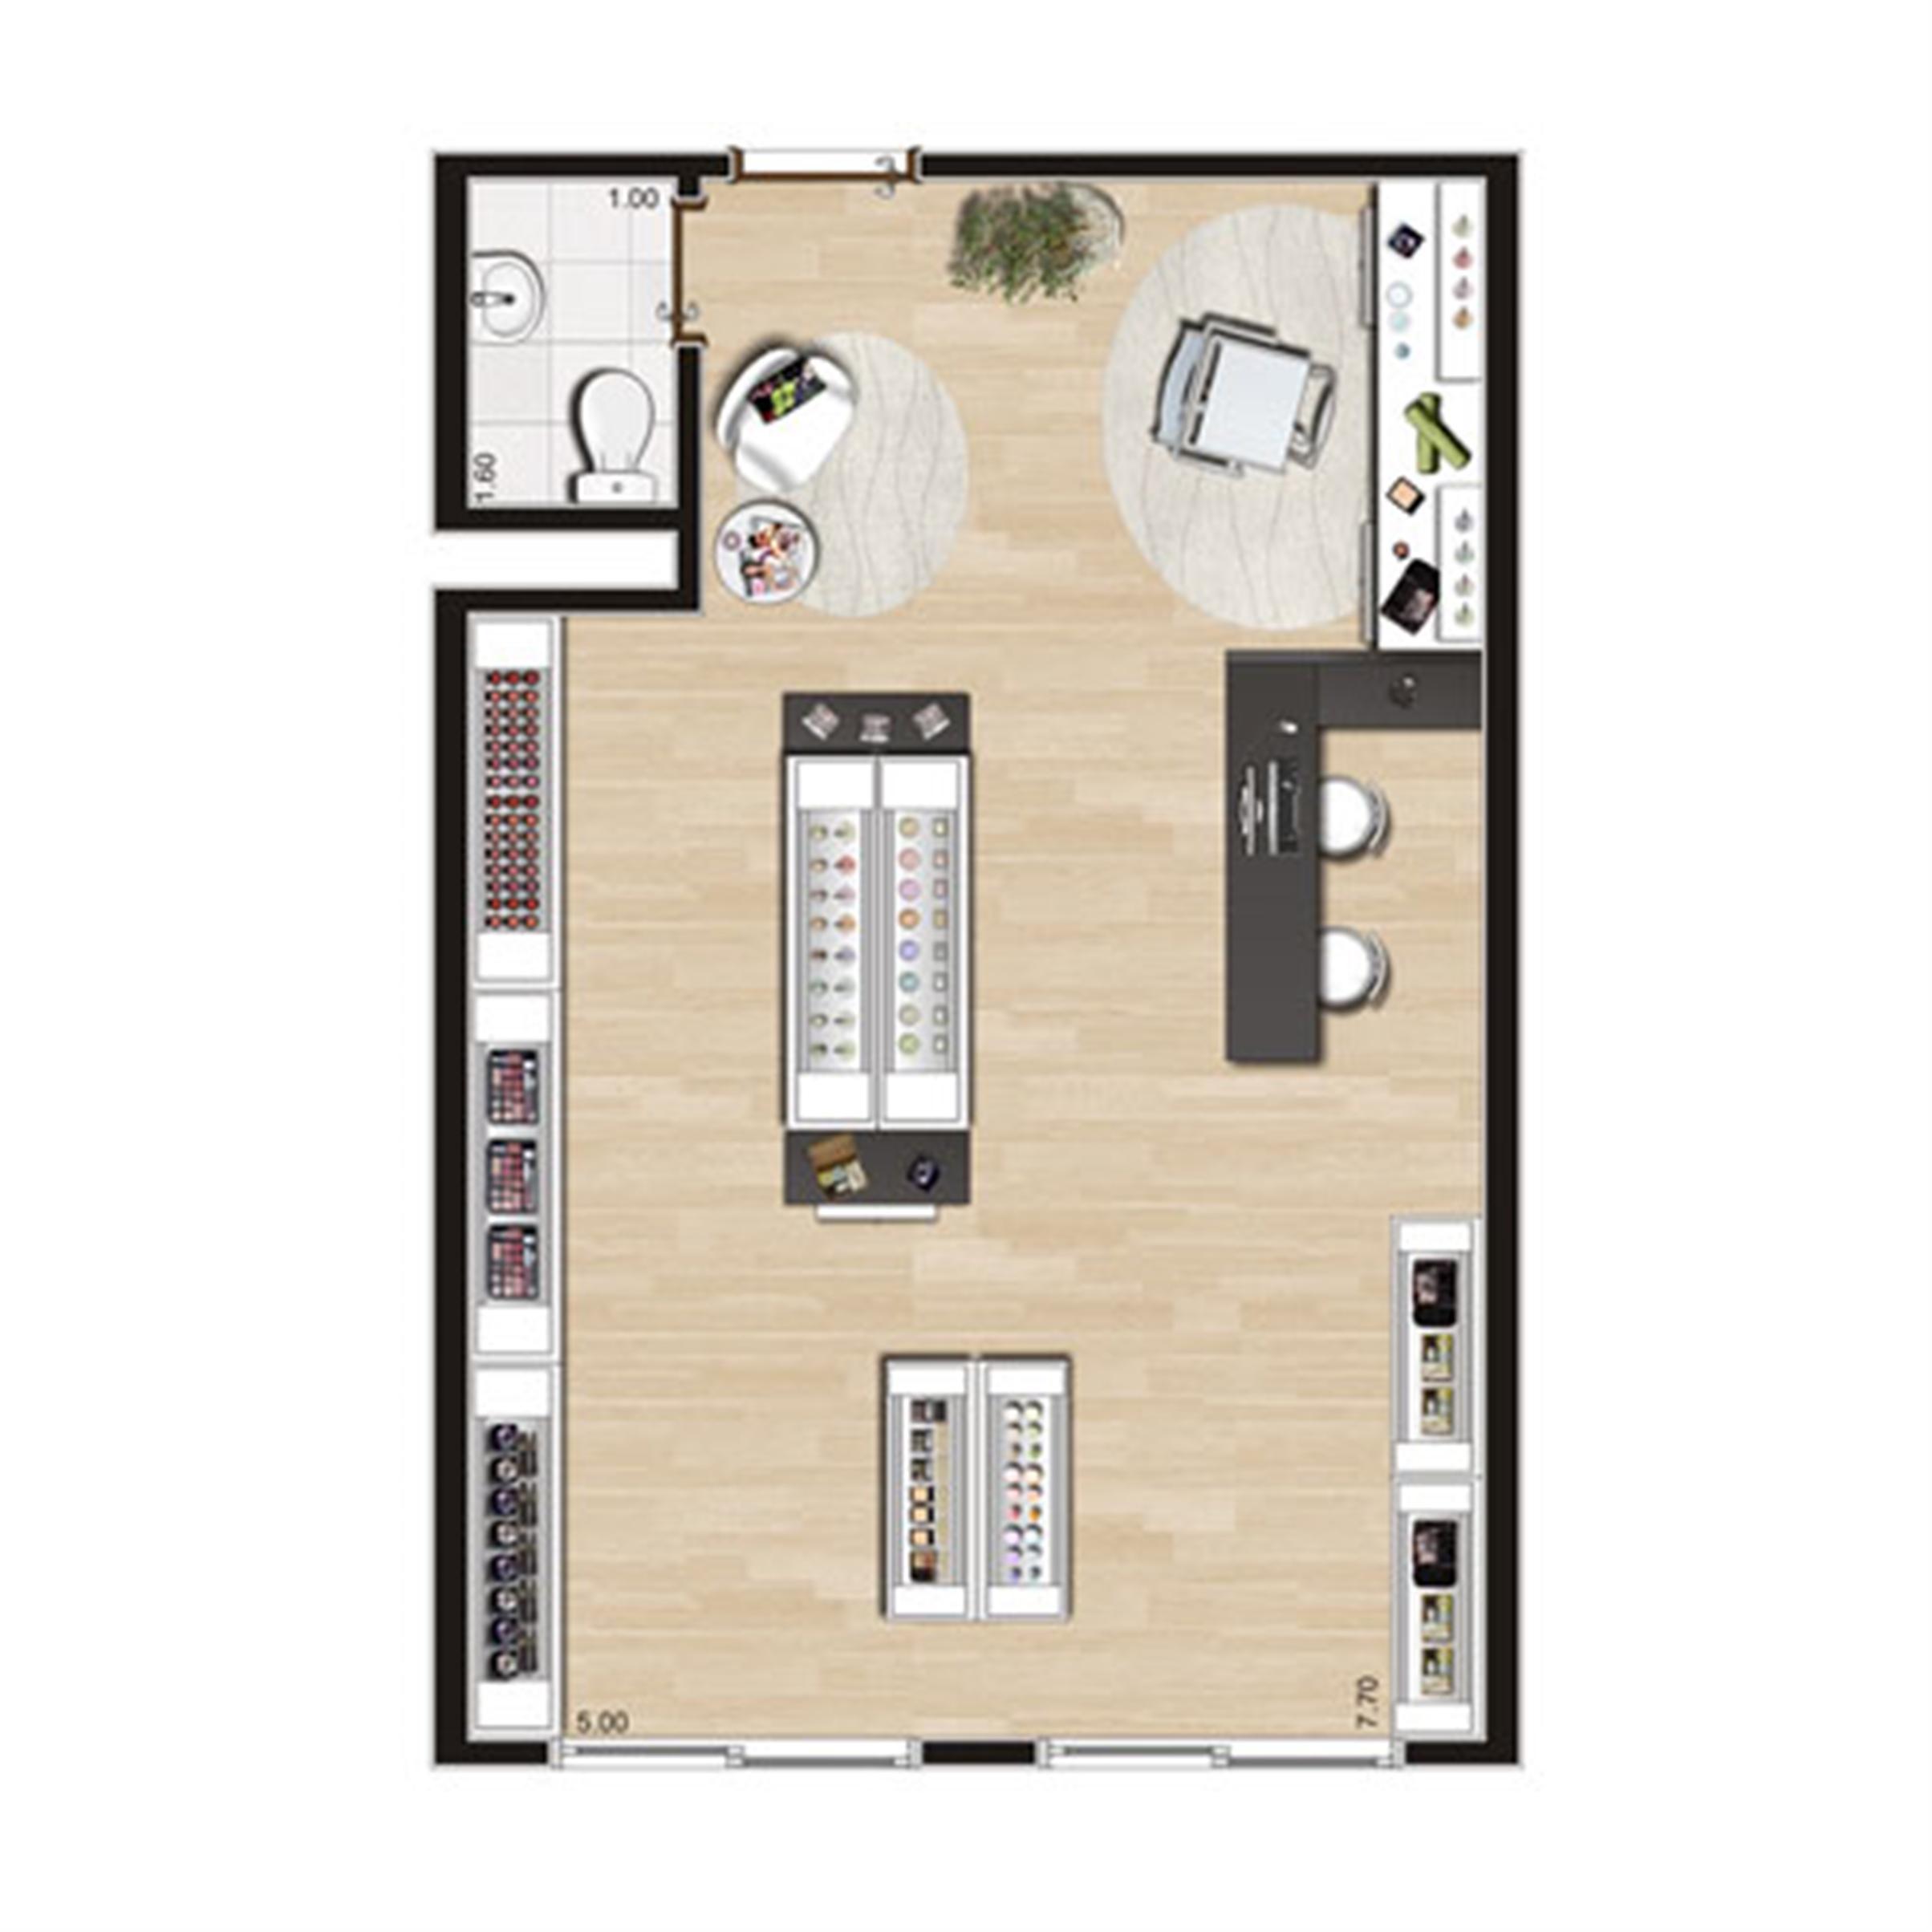 Loja de 41 m² final 2 | Luzes da Mooca - Atrio Giorno – Salas Comerciais na  Mooca - São Paulo - São Paulo